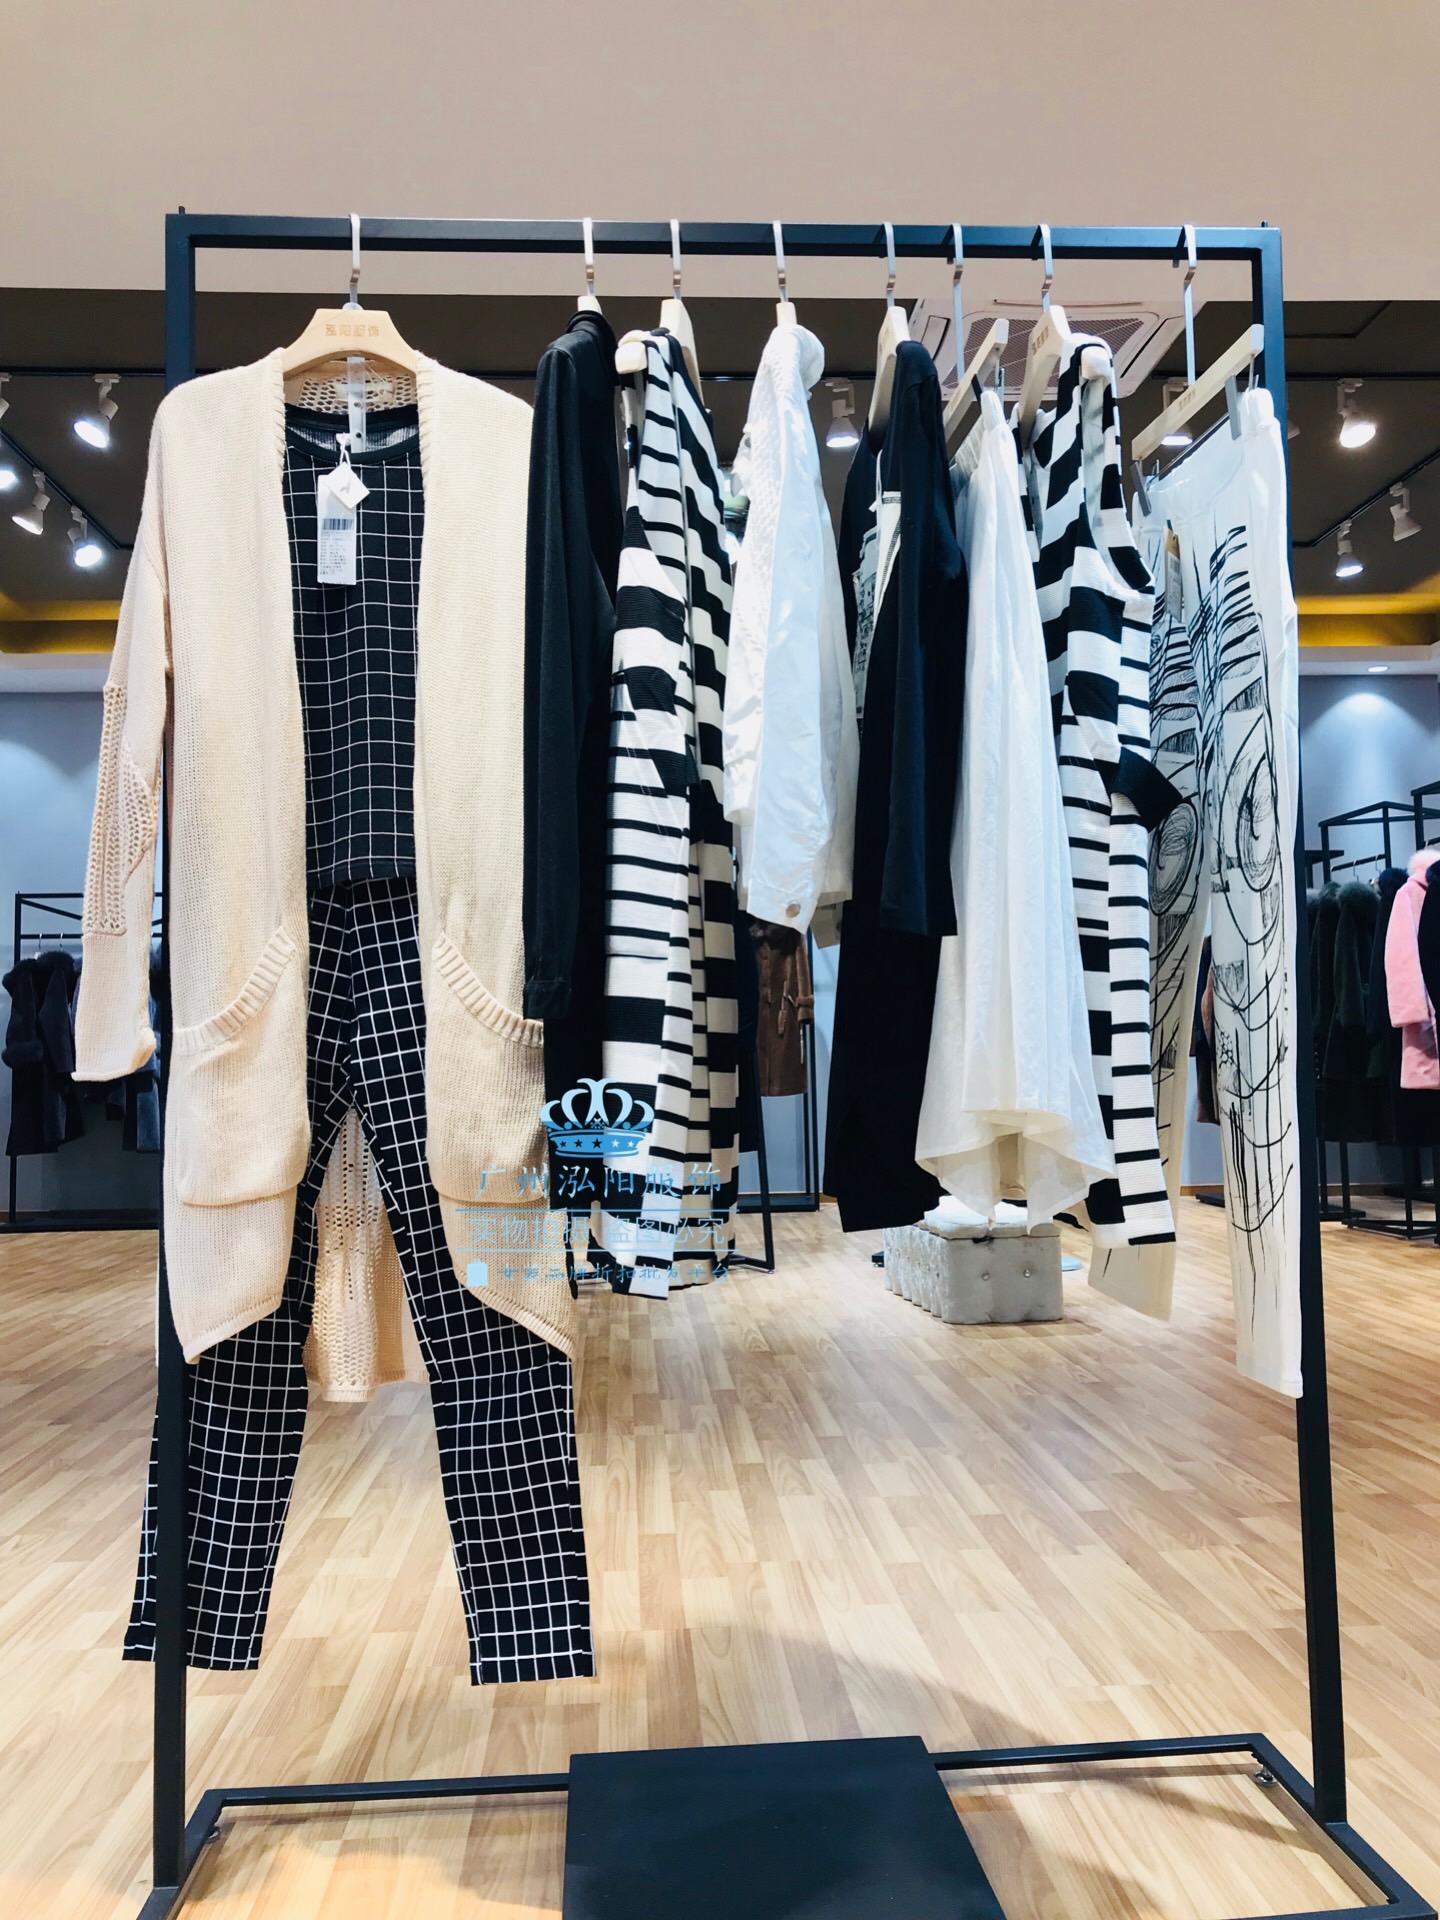 私人衣橱品牌女装折扣批发一手货源